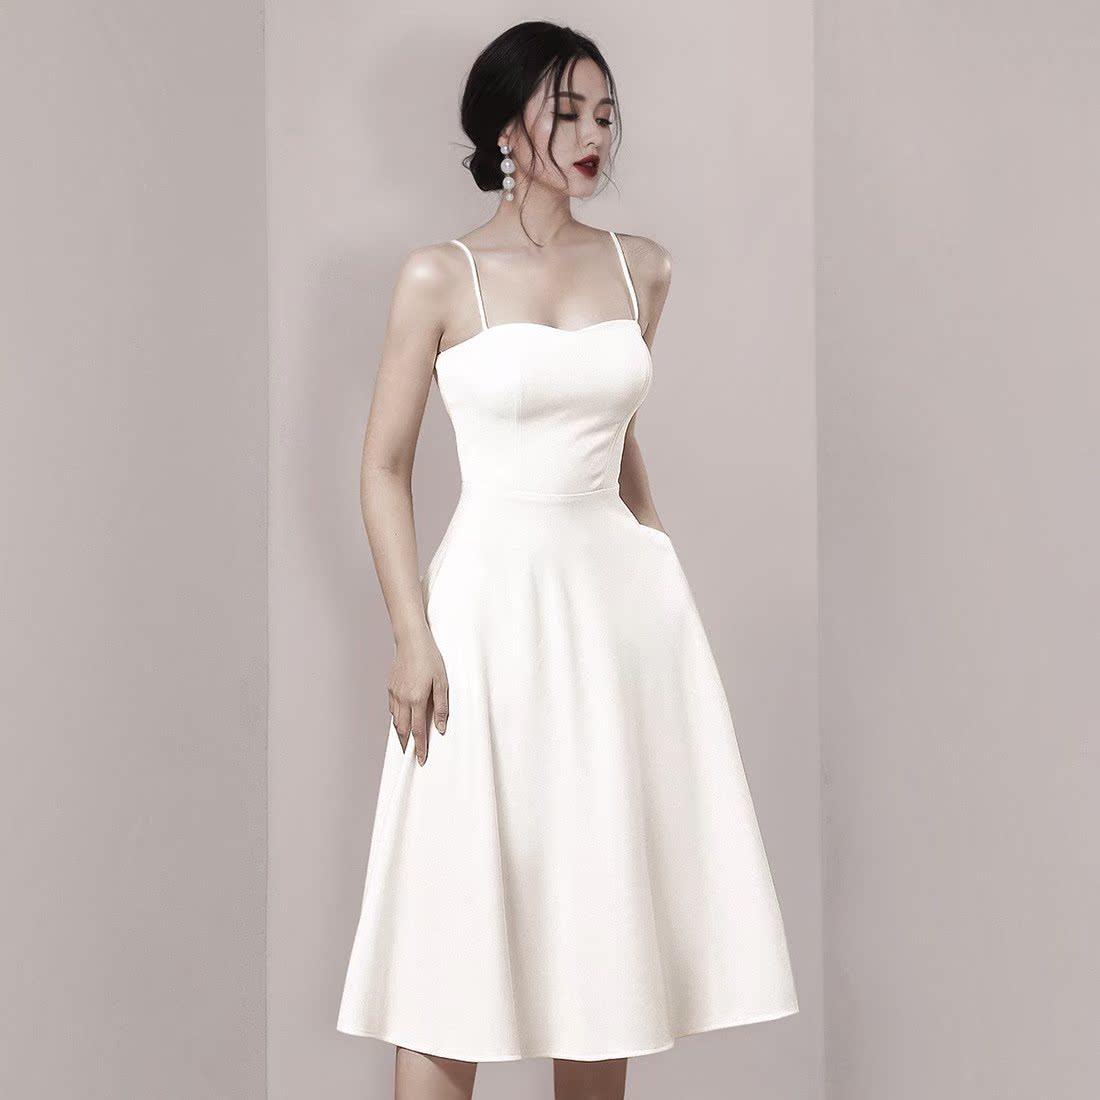 2019夏季新款时尚名媛气质白色礼服高腰显瘦露肩吊带小众连衣裙女